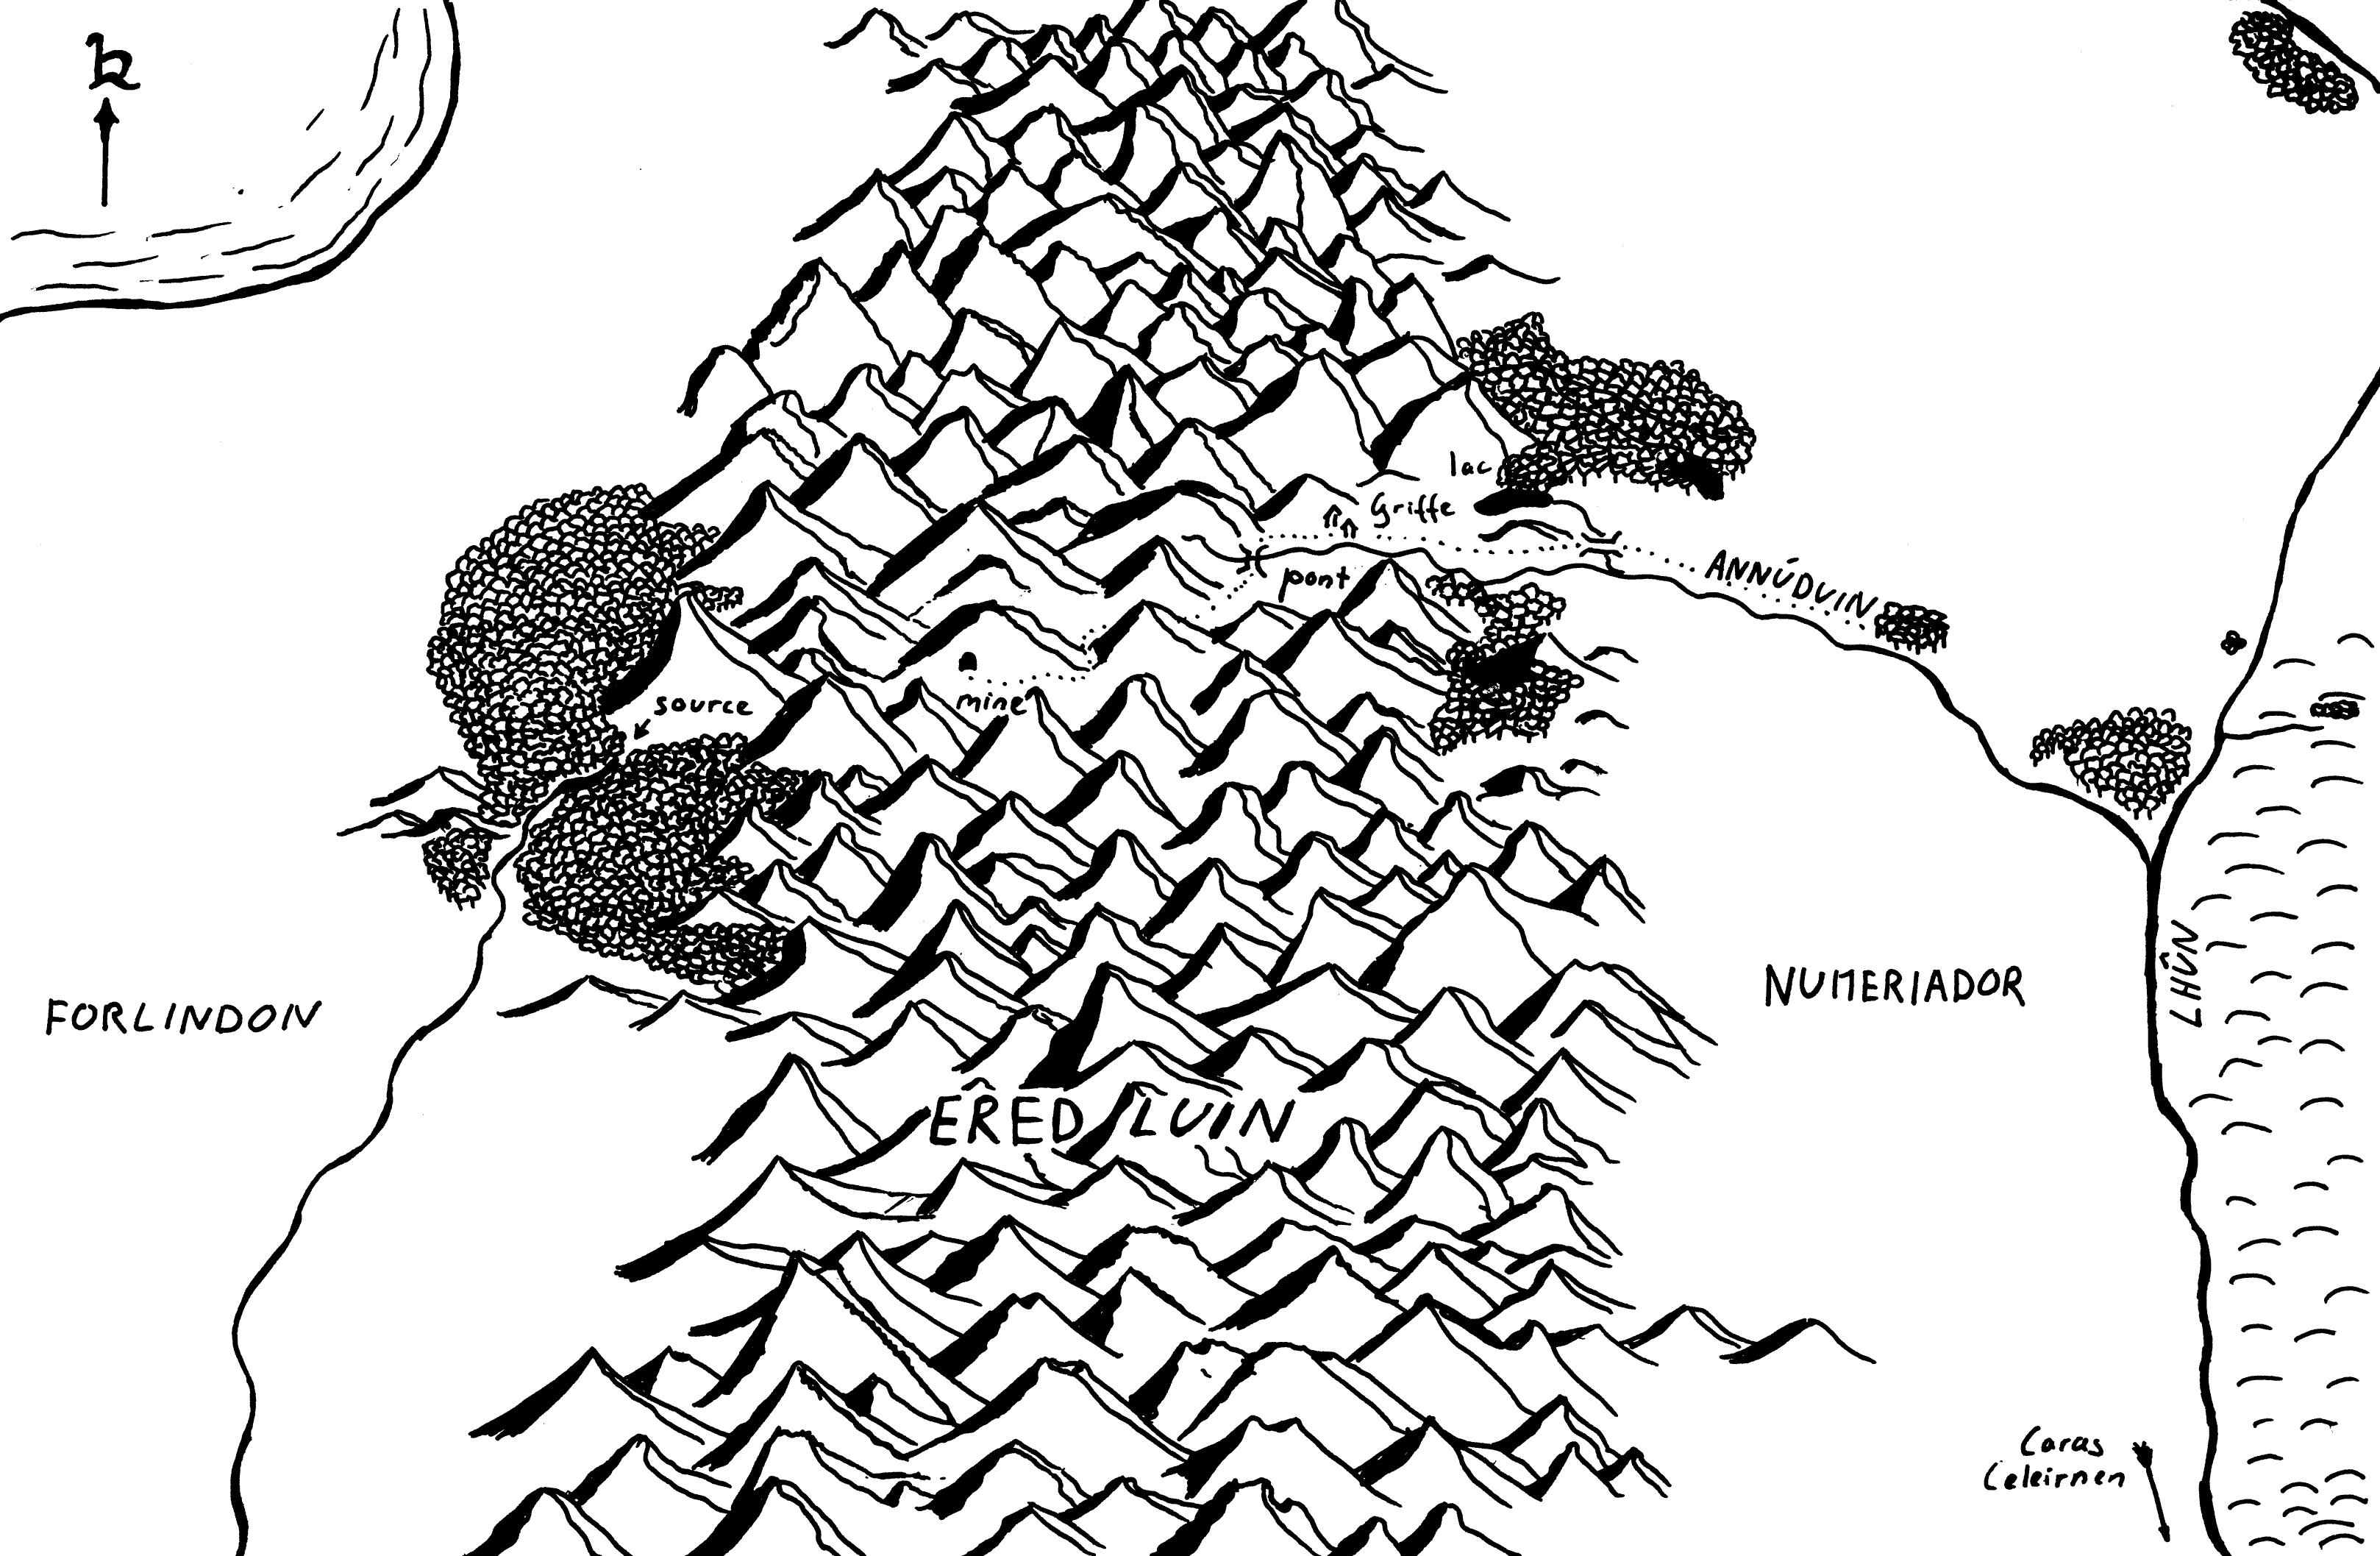 Carte de la région des montagnes bleues à l'ouest de l'Arthedain